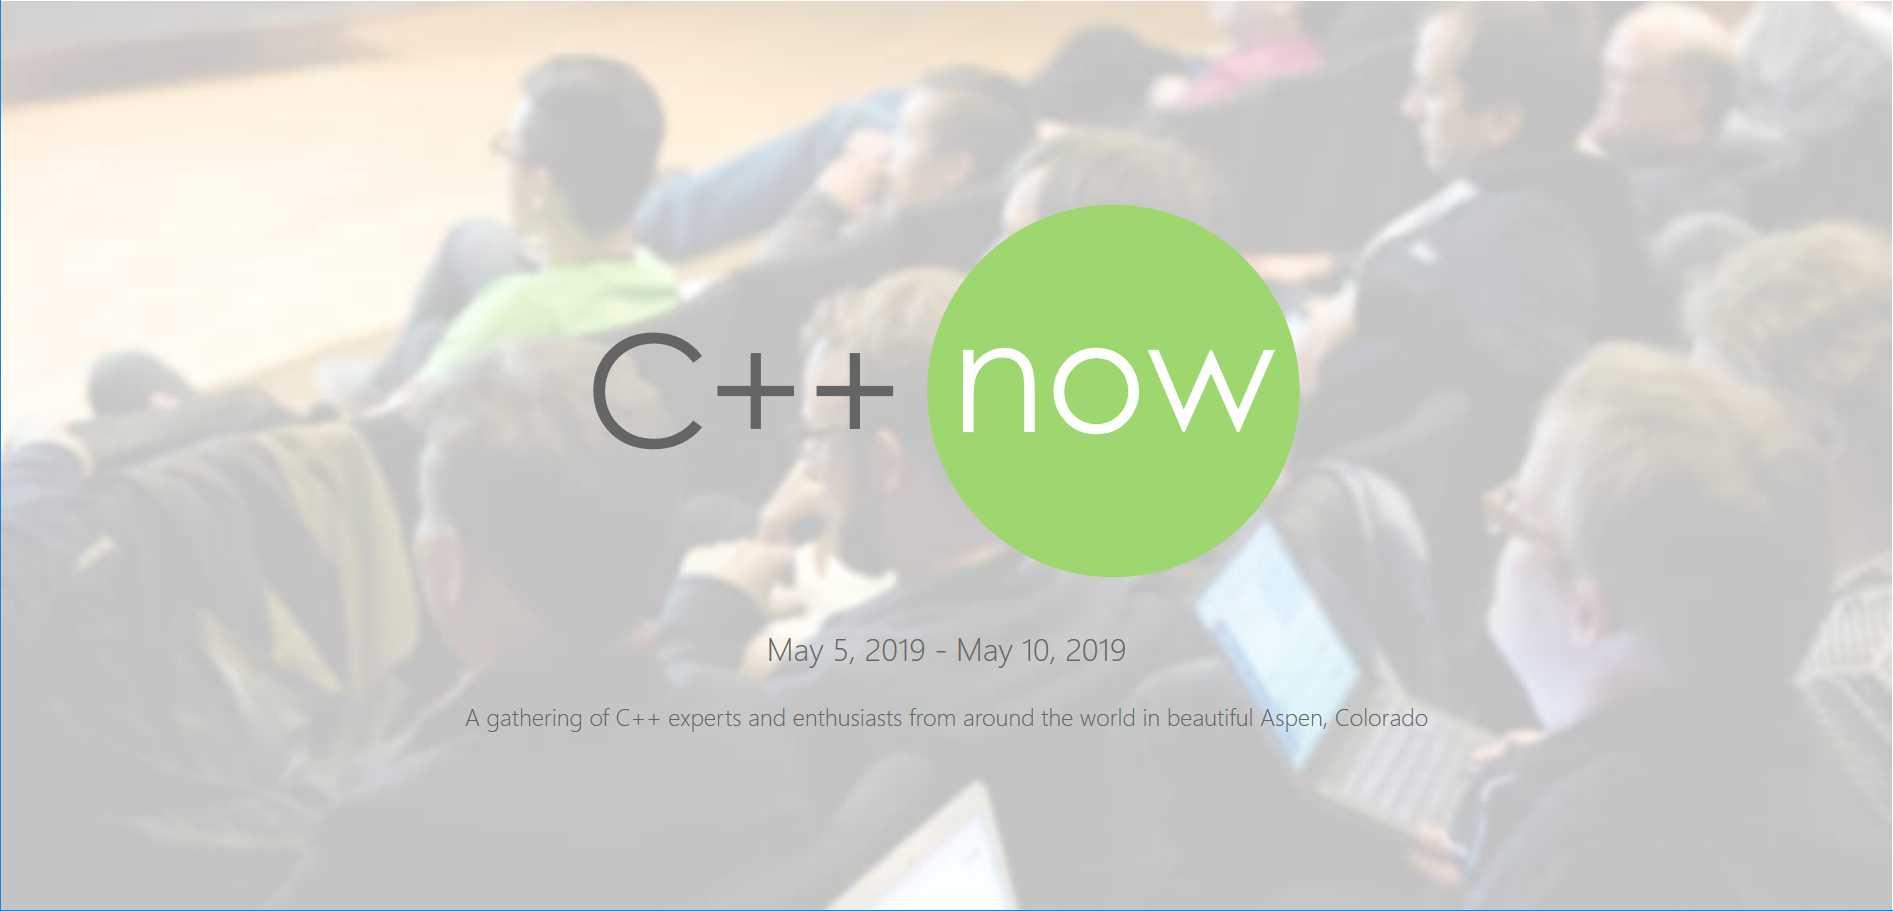 C++Now 2019